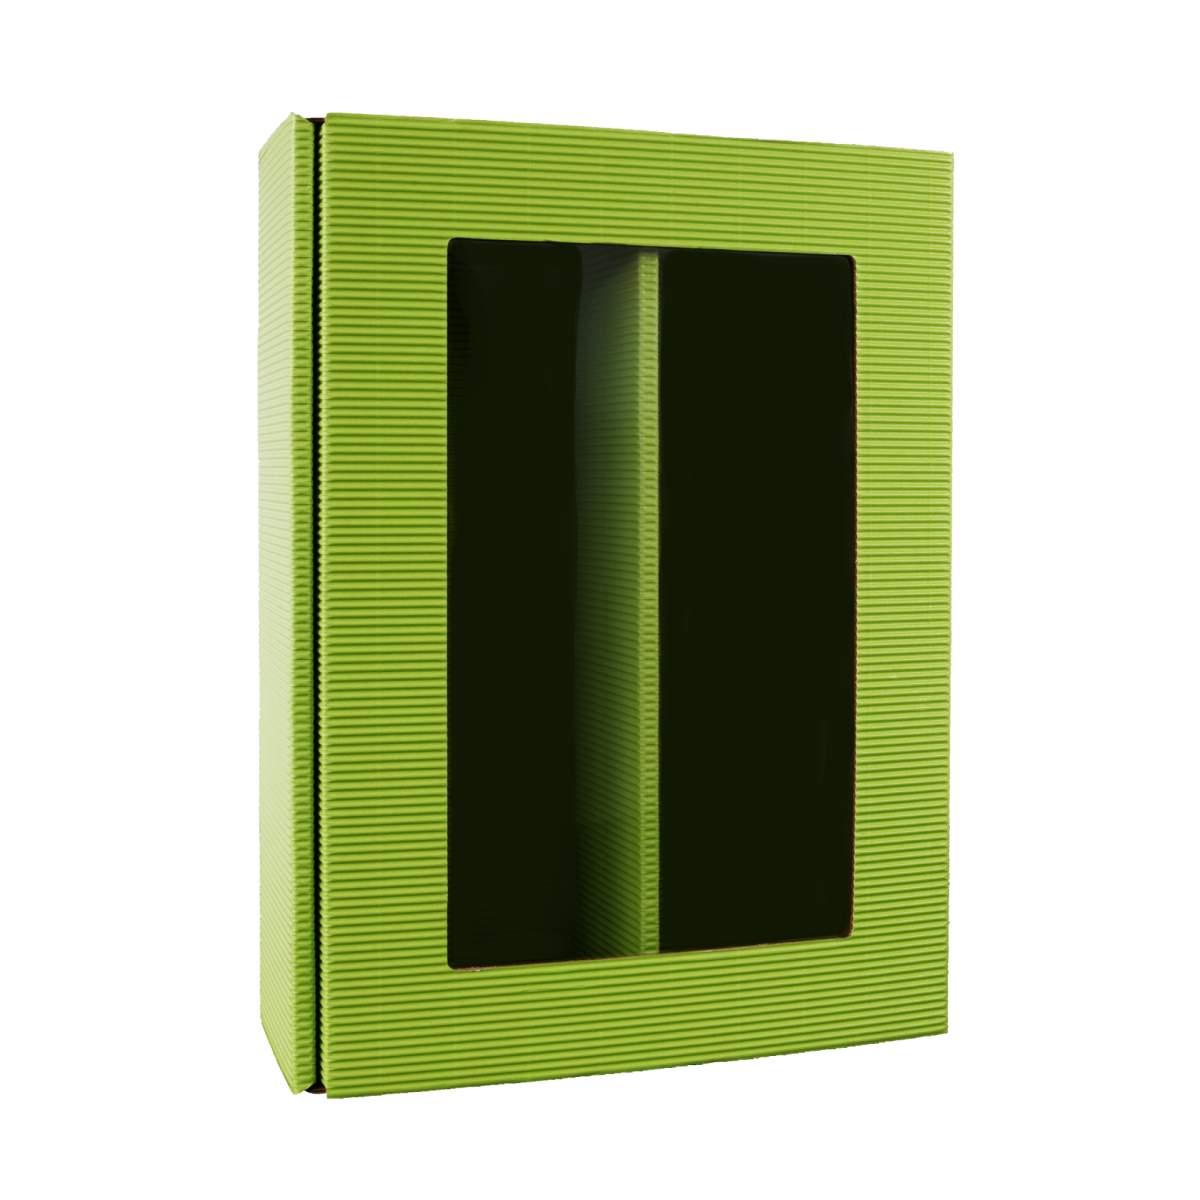 Geschenkbox-L-mit-Fenster-u-Einlage_gr-n_6478_1600px